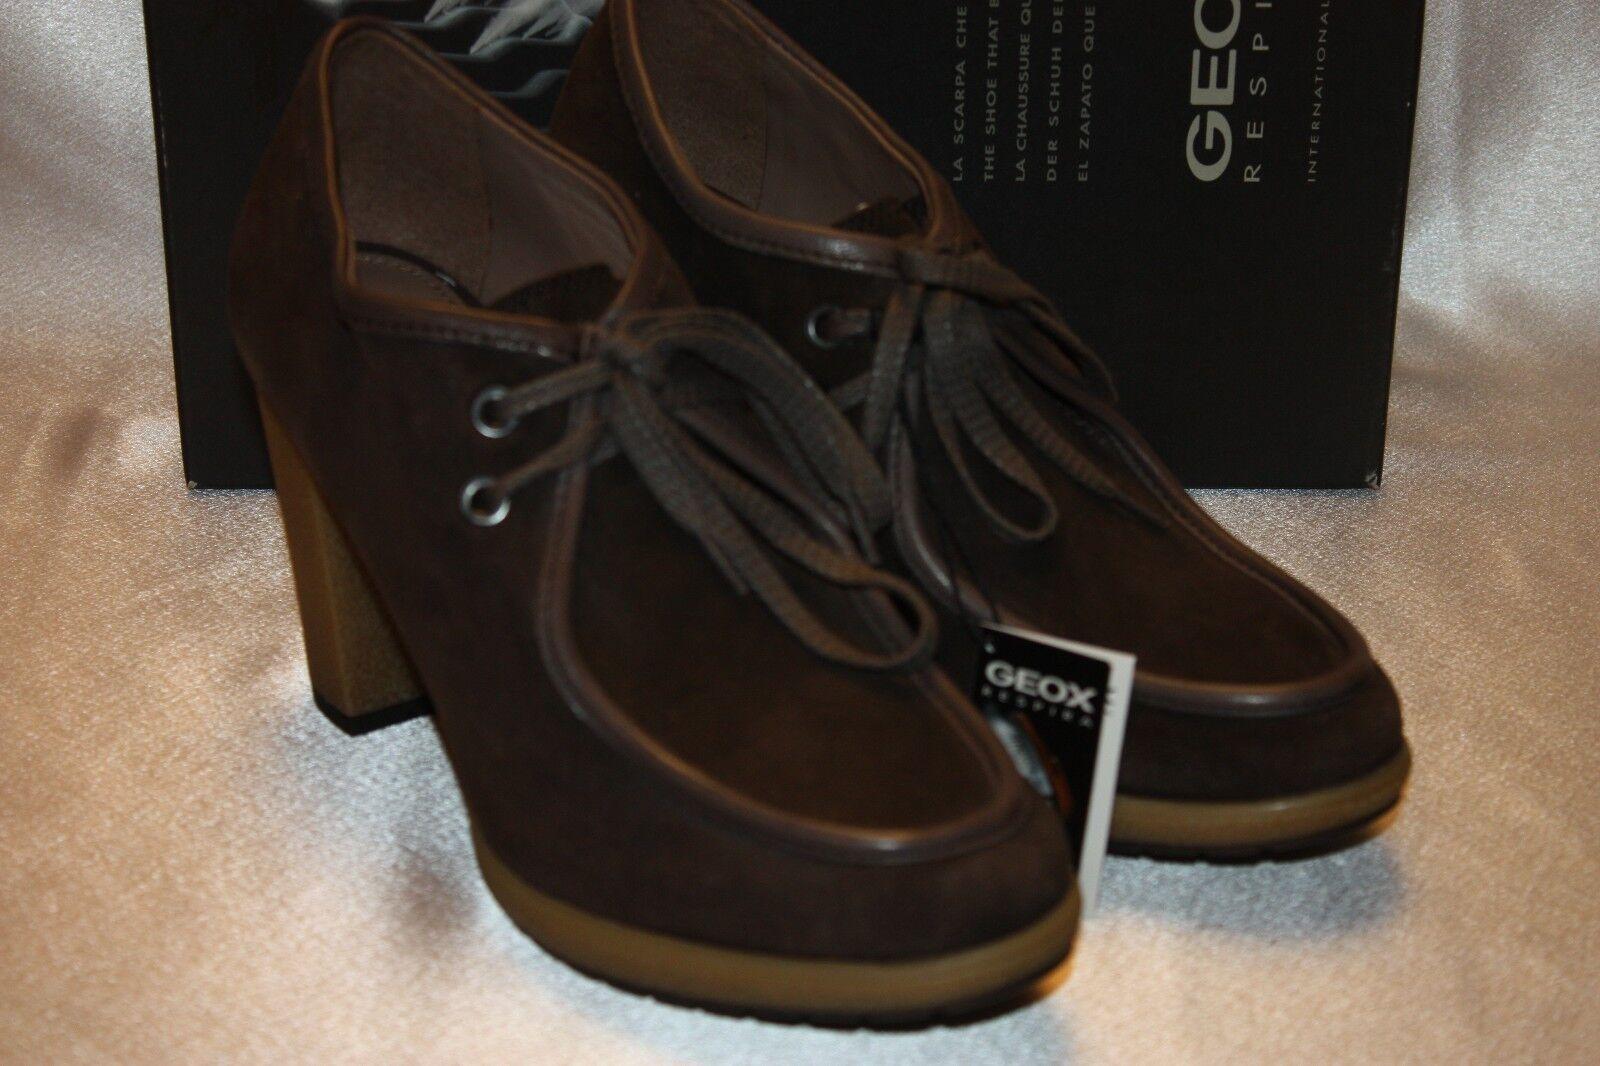 NEU NIB GEOX Coffee Braun Suede Damens KARMA Lace Up Ankle Stiefel Bootie 9.5 170